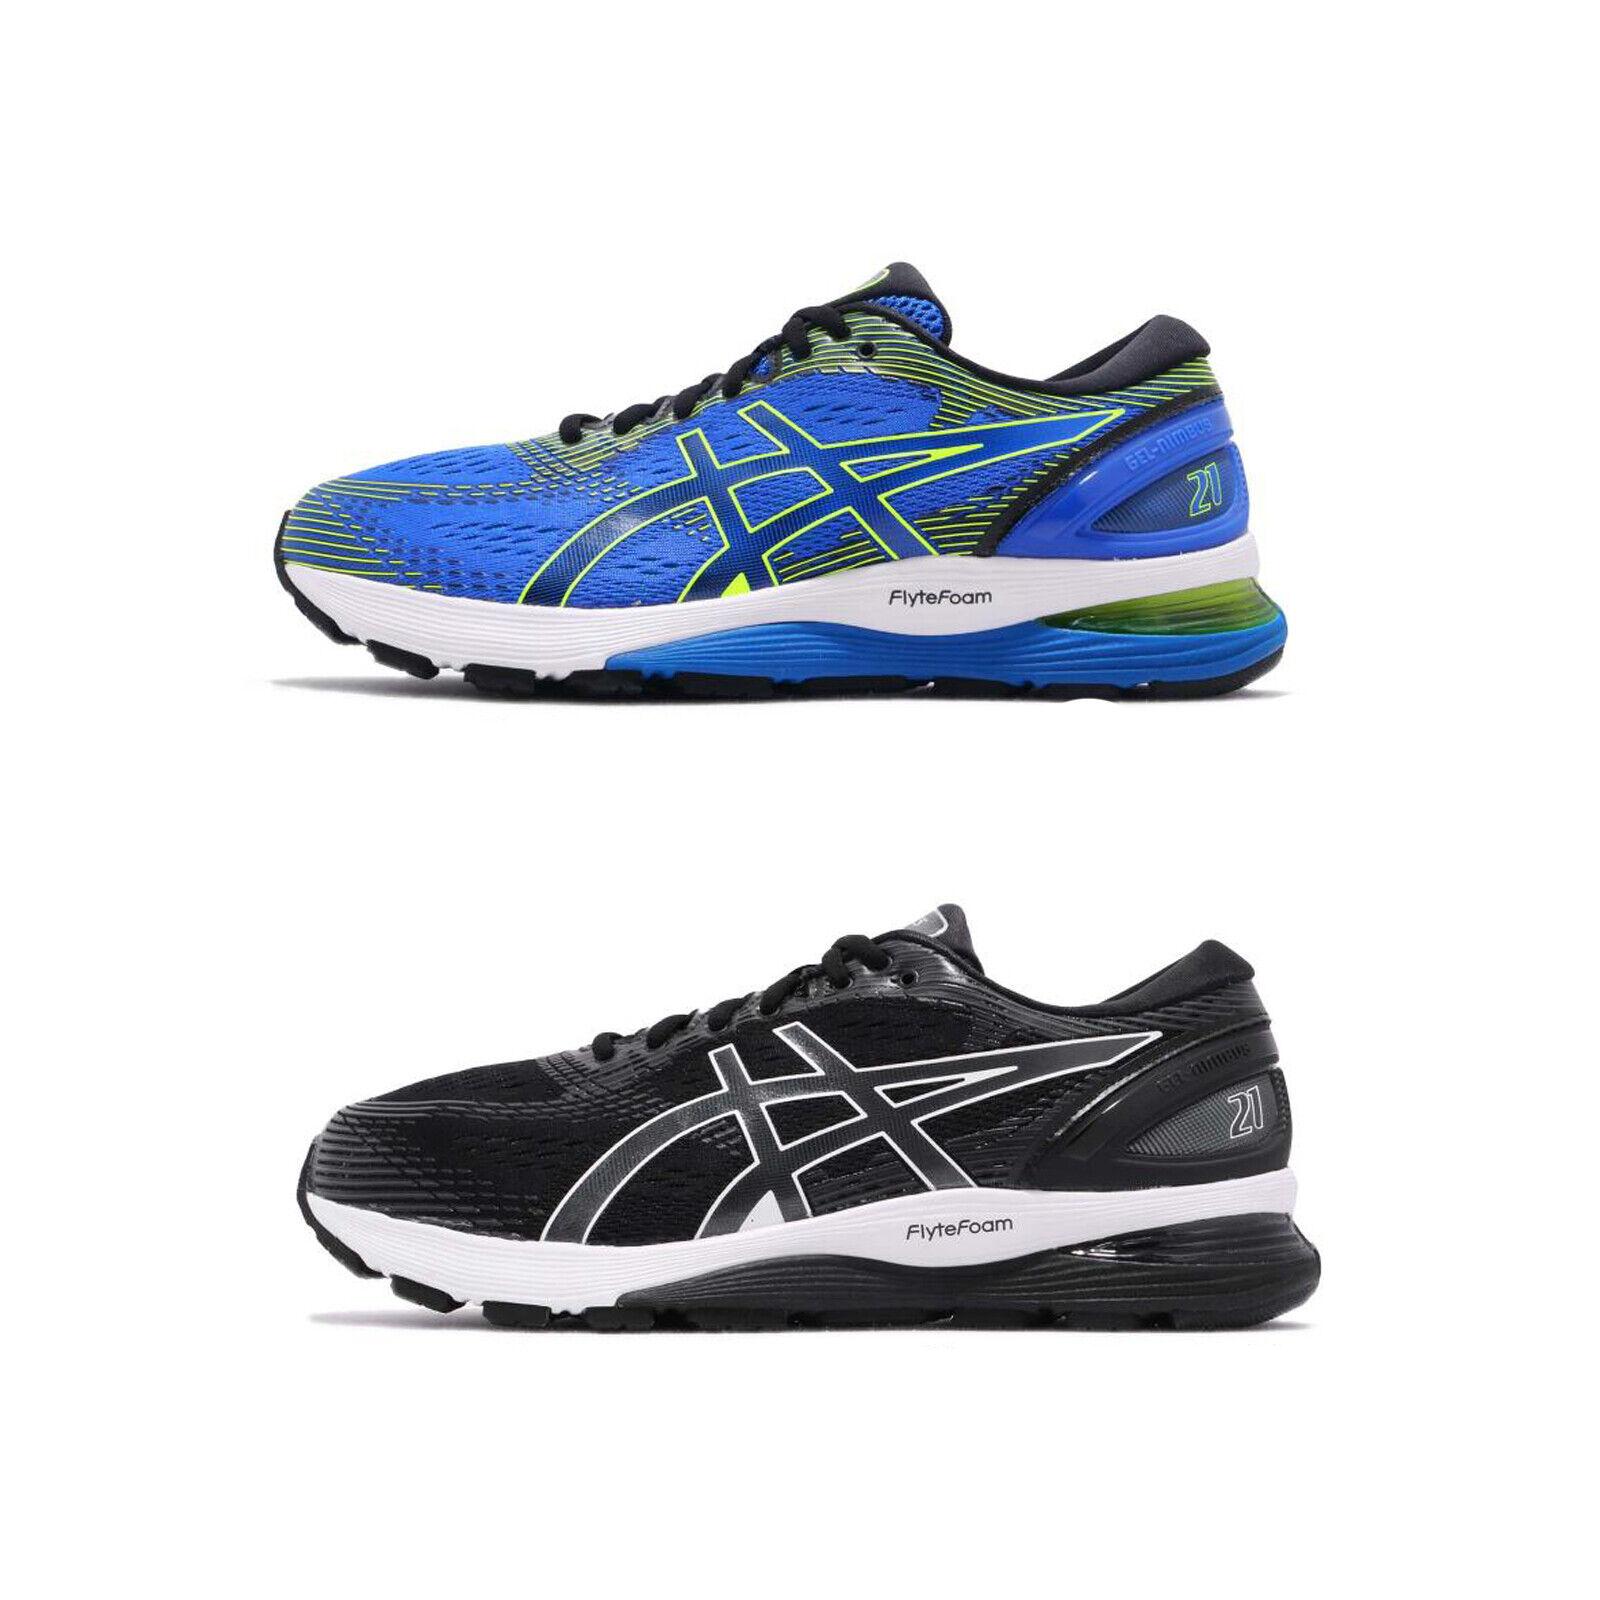 Asics Gel-Nimbus 21 4E Extra Ancho Zapatillas De Hombre Zapato de correr elija 1